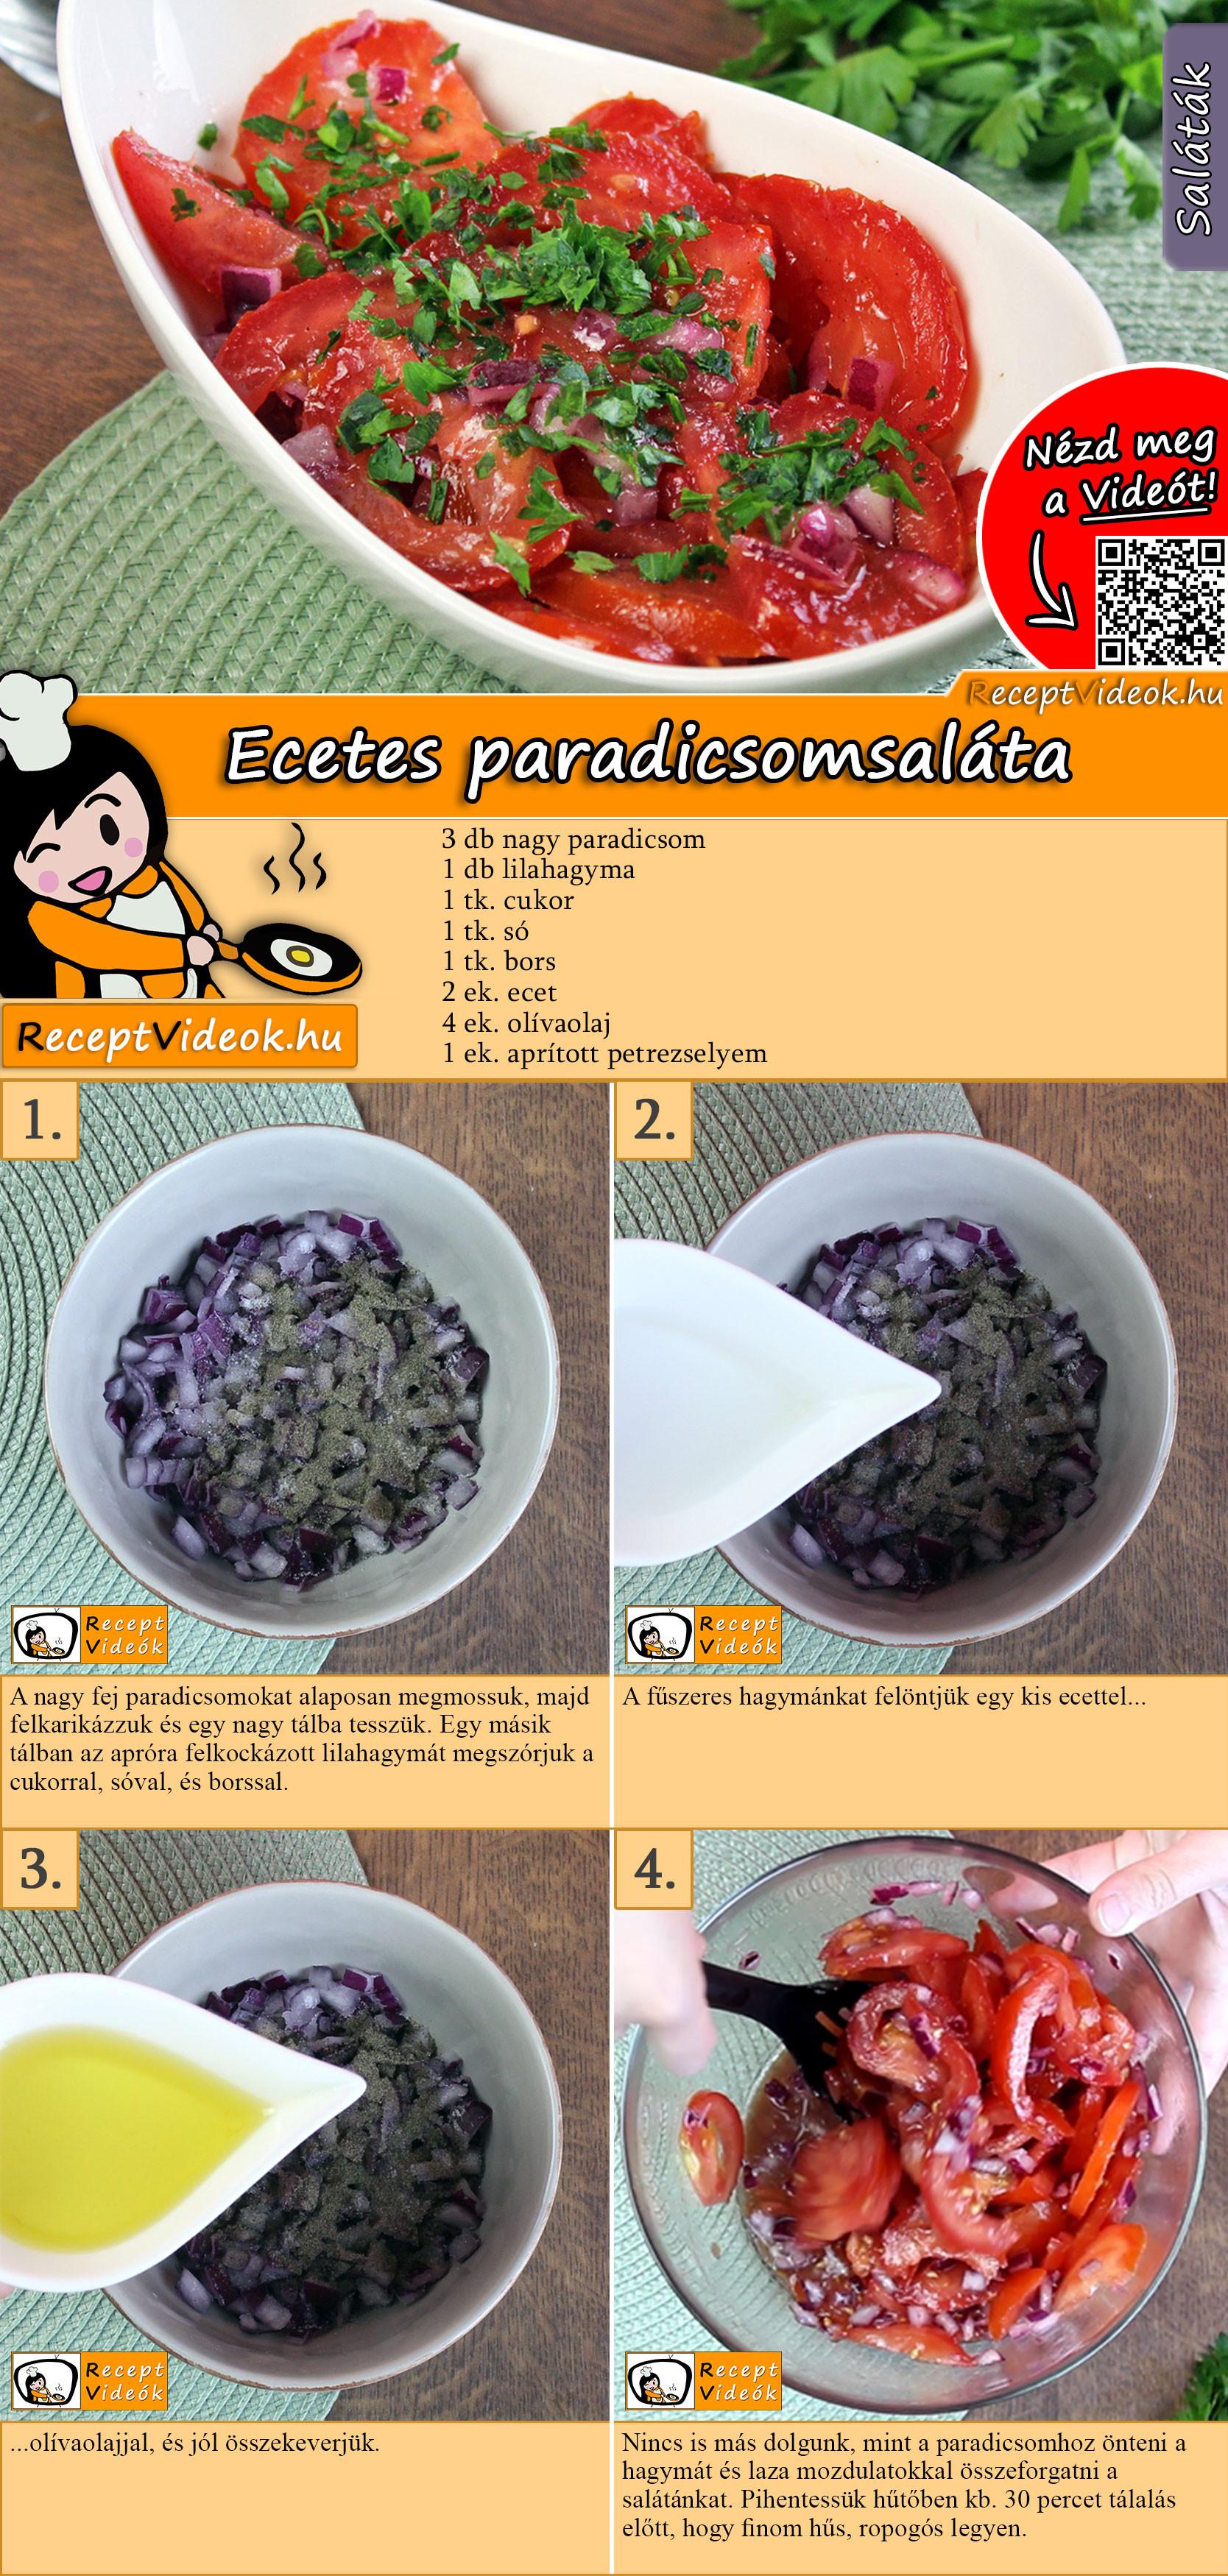 Ecetes paradicsomsaláta recept elkészítése videóval